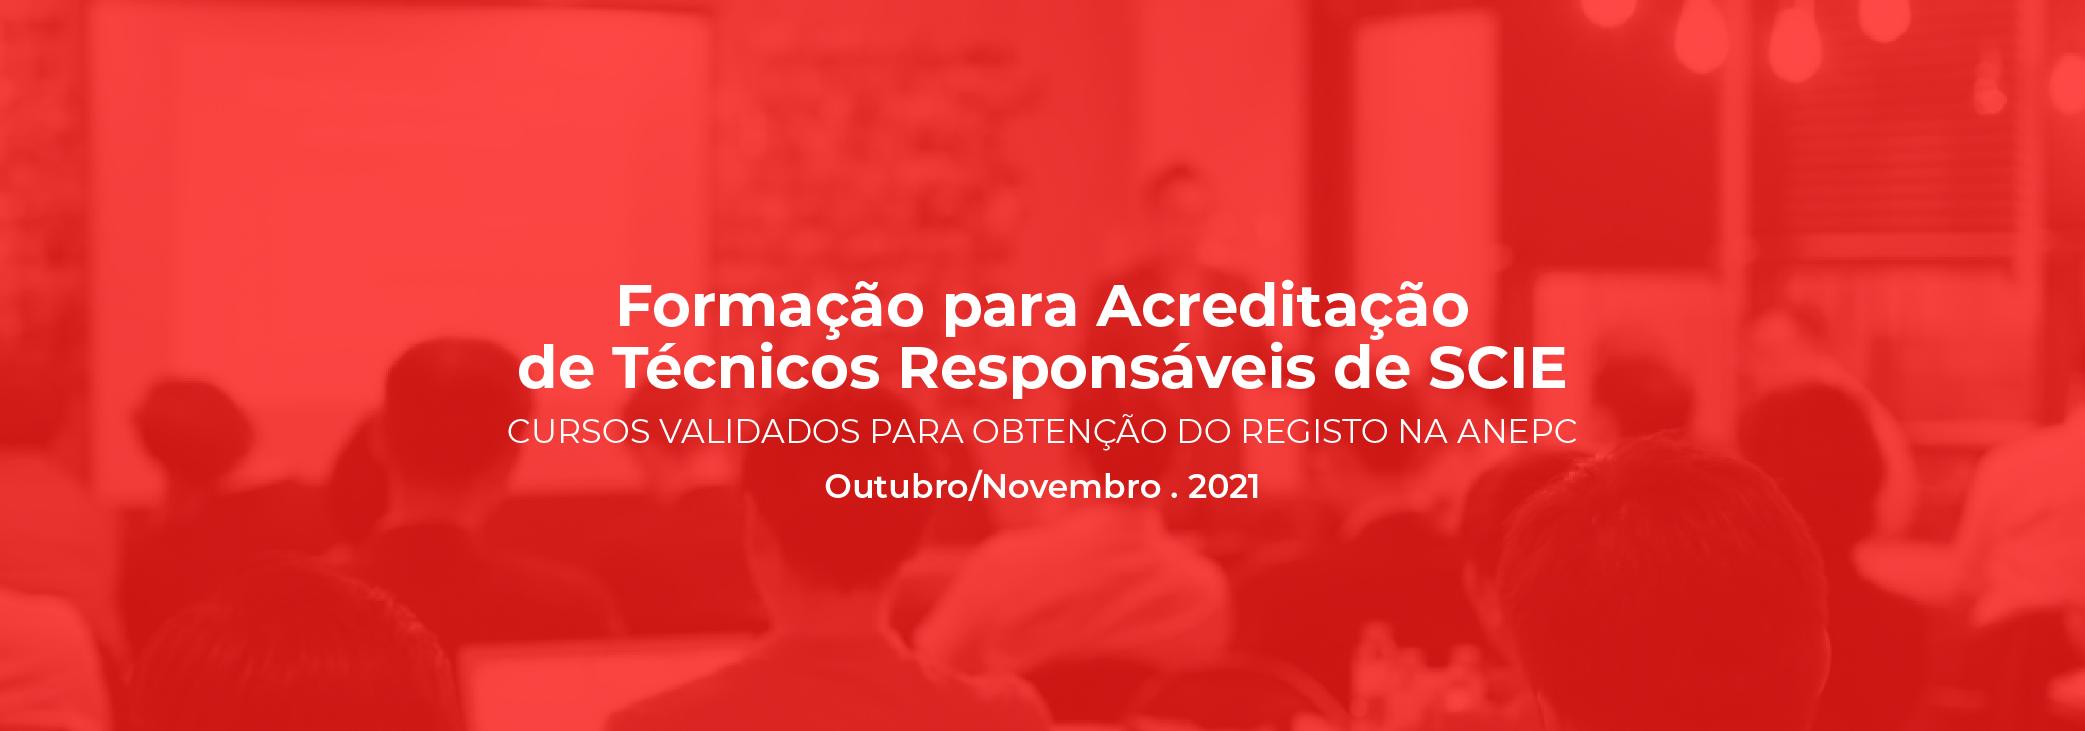 Formação Certificada para registo na ANEPC | Técnicos responsáveis de SCIE | Out/Nov.2021